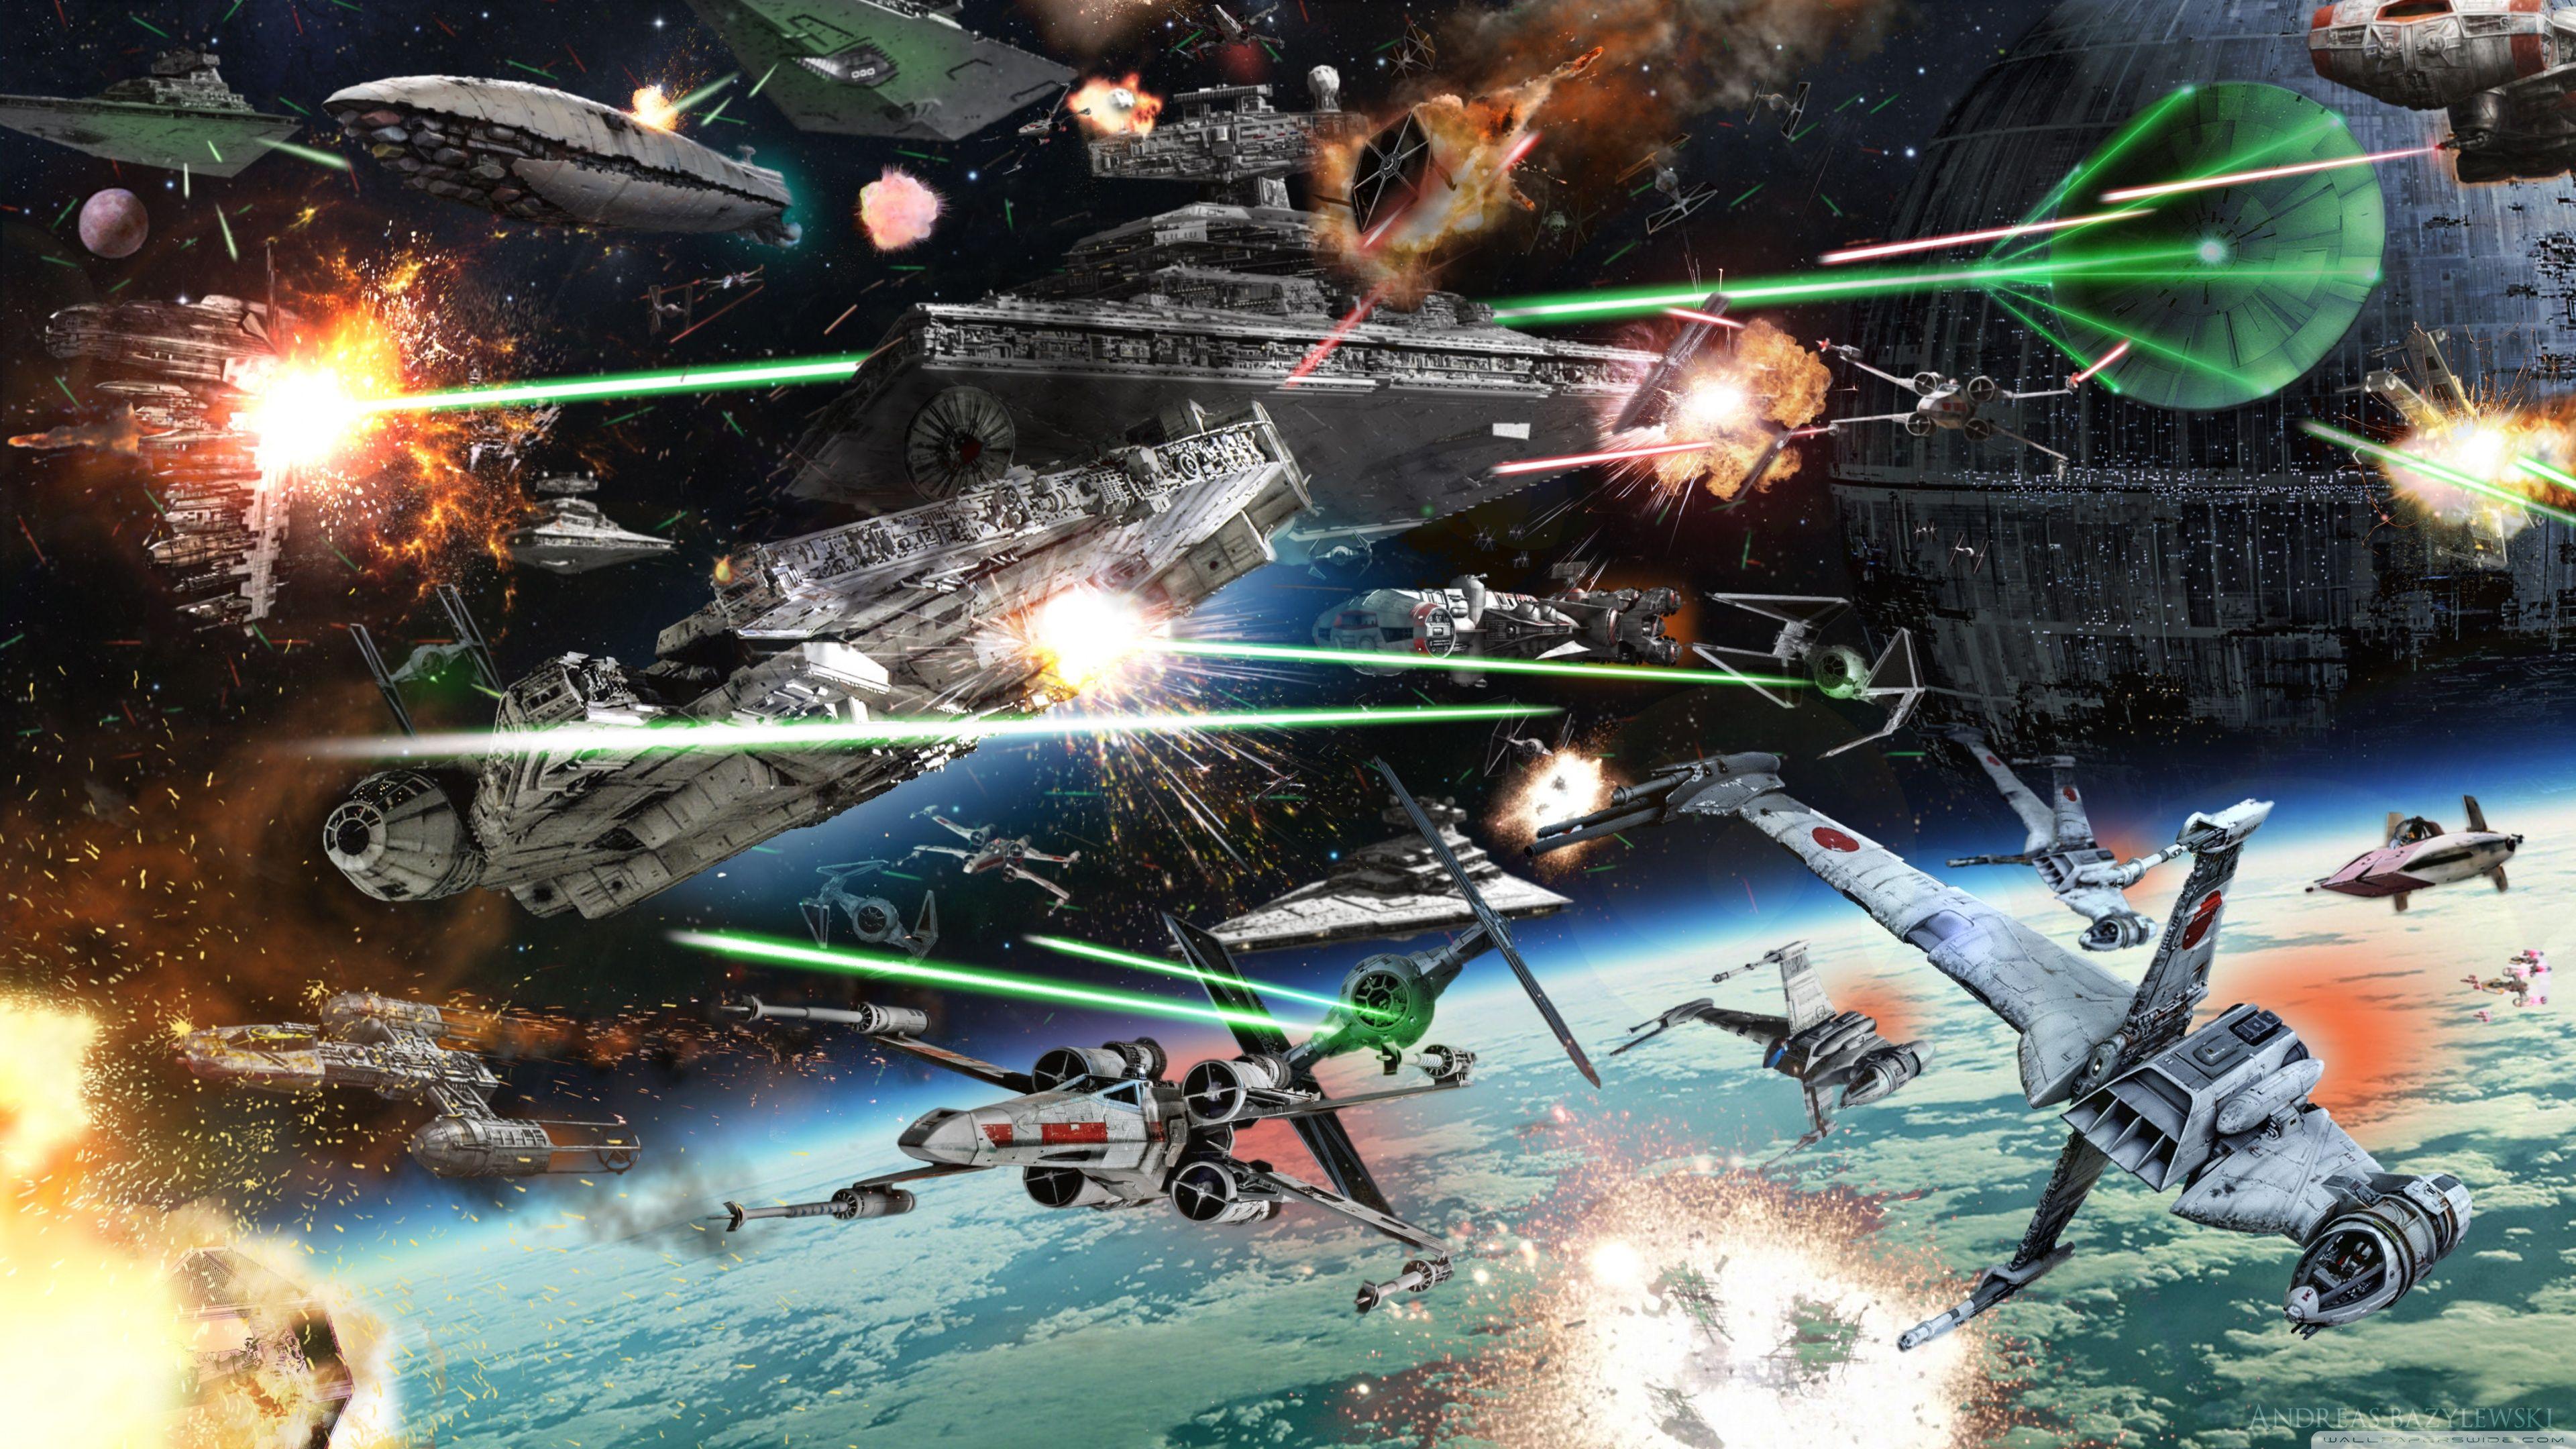 Star Wars Battle Wallpapers   Top Star Wars Battle 3840x2160